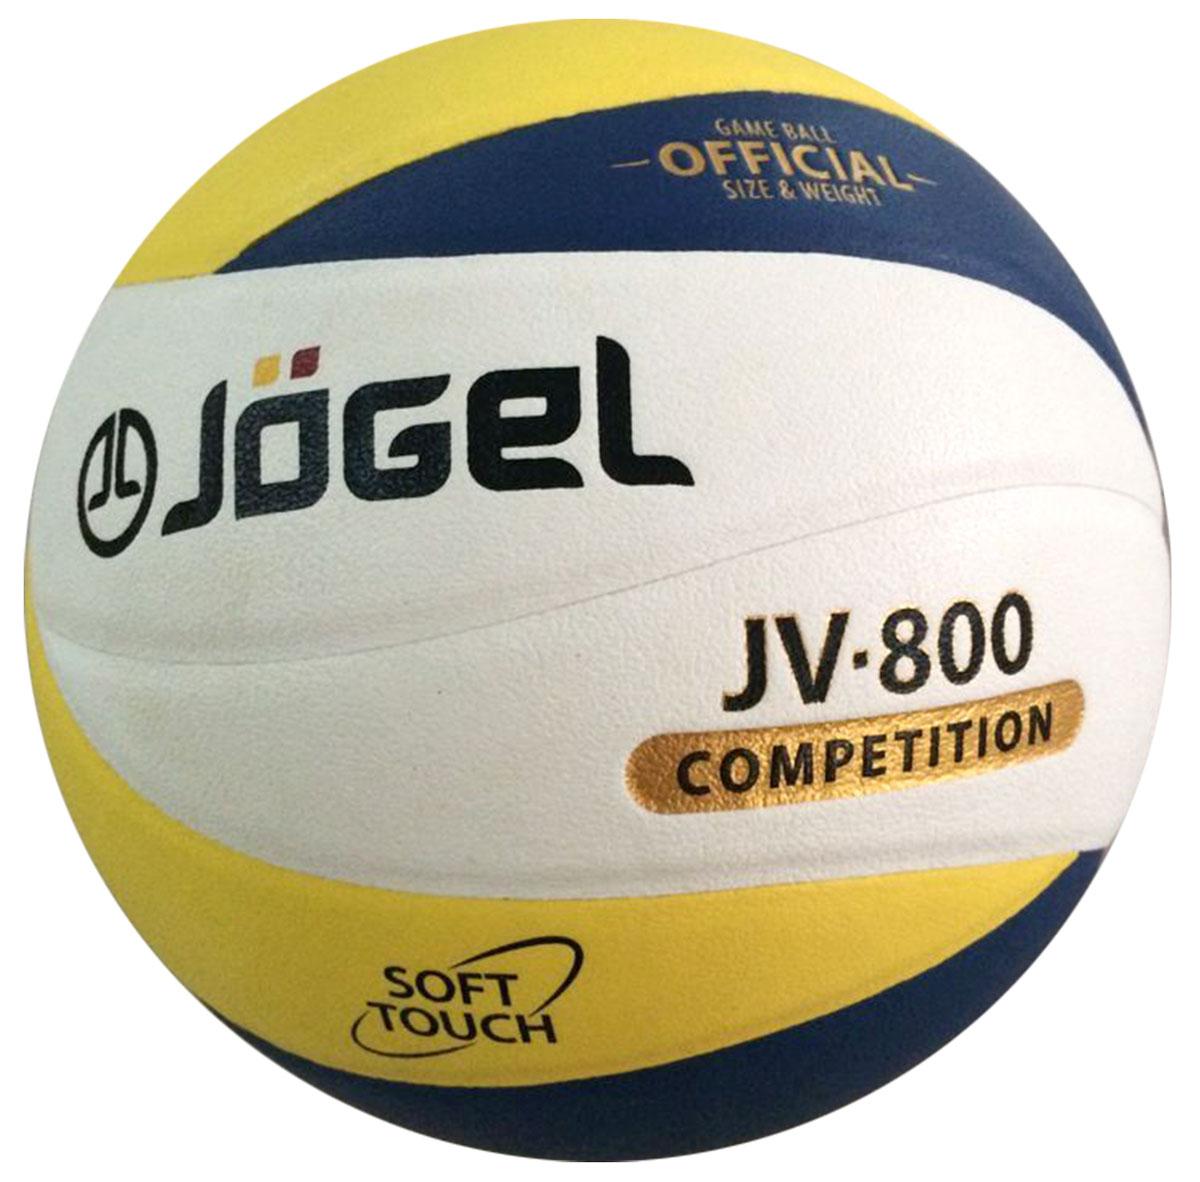 Мяч волейбольный Jogel, цвет: синий, желтый. Размер 5. JV-800УТ-00009346Соревновательный волейбольный мяч Jogel из серии COMPETITION предназначен для комфортных тренировок и игр команд любого уровня. Покрышка мяча выполнена из высокотехнологичного композитного материала на основе микрофибры, с применением технологии Soft Touch, которая напоминает натуральную кожу и обеспечивает правильный отскок.Мяч состоит из 12 панелей и бутиловой камеры, также армирован подкладочным слоем, выполненным из ткани.Мяч отлично подойдет для тренировок и соревнований команд высокого уровня.Вес: 260-280 гр.Длина окружности: 65-67 см.Рекомендованное давление: 0.29-0.32 бар. УВАЖАЕМЫЕ КЛИЕНТЫ!Обращаем ваше внимание на тот факт, что мяч поставляется в сдутом виде. Насос в комплект не входит.